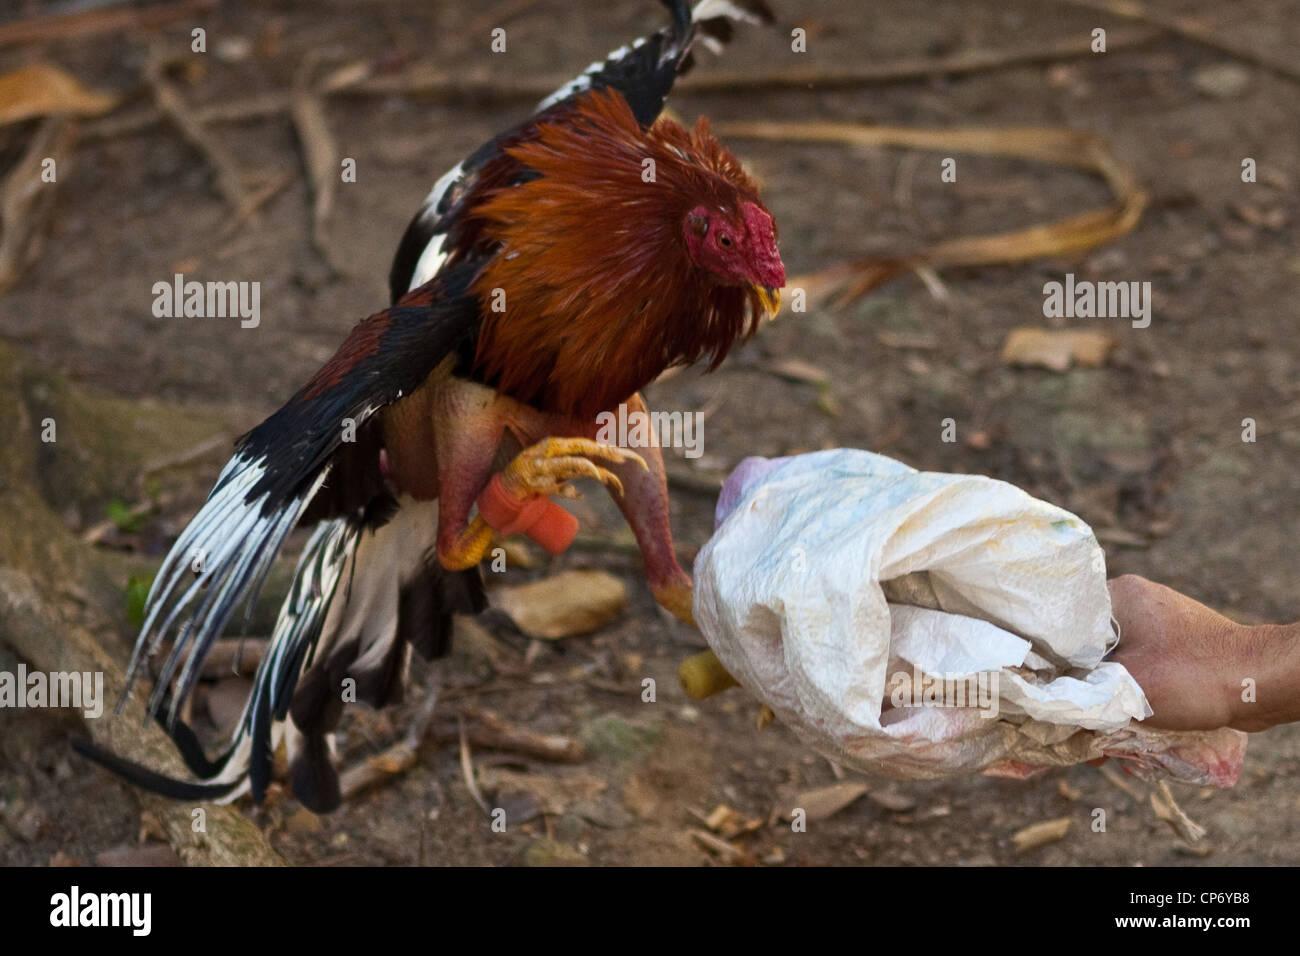 Cock fighting puerto rican